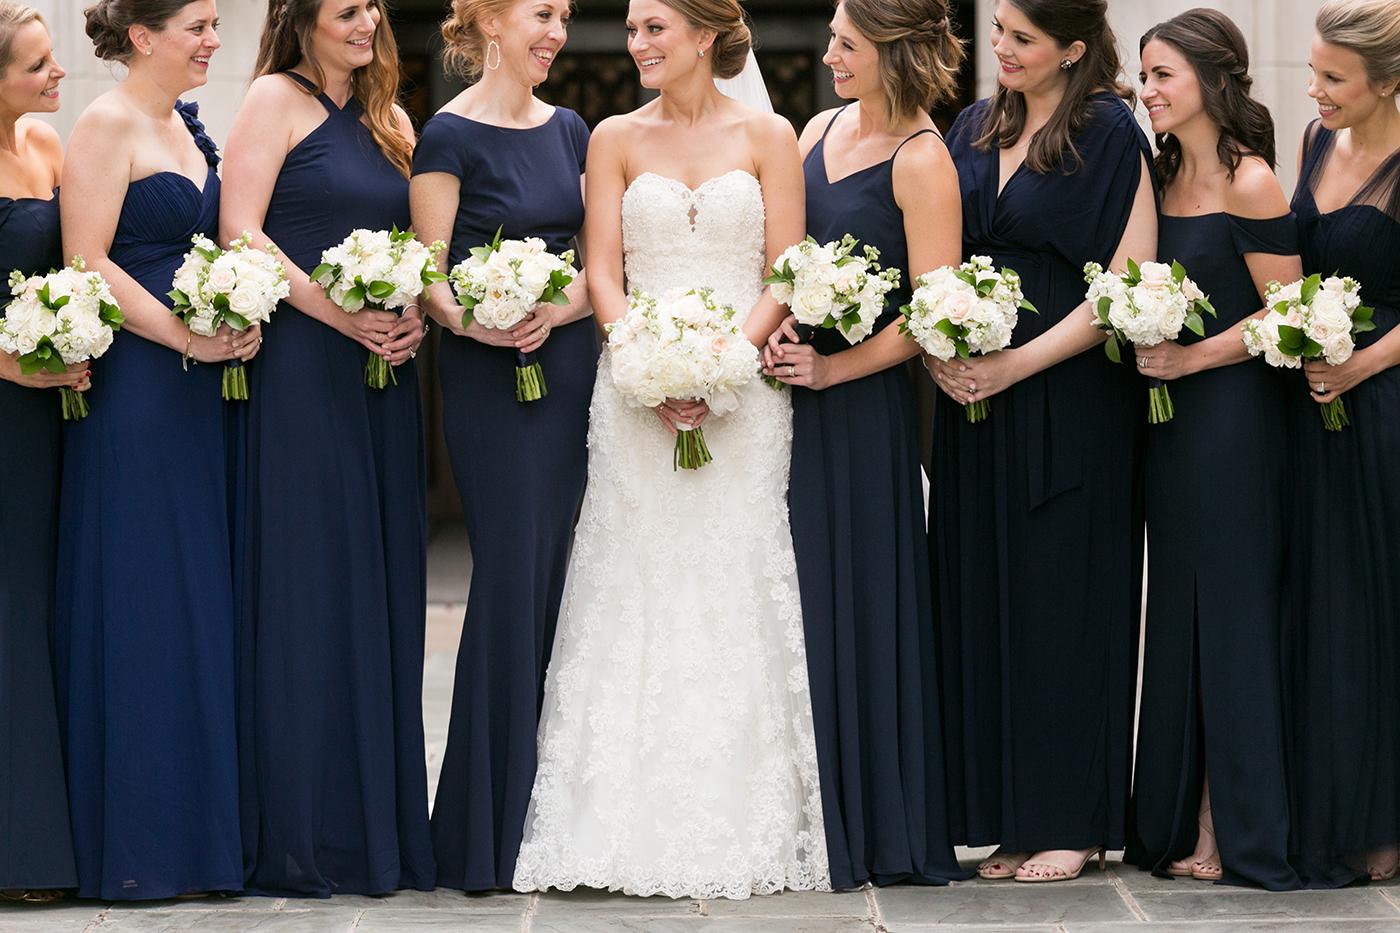 Dallas Wedding Planner - Allday Events - Classic Wedding at Dallas Scottish Rite - 48.jpg